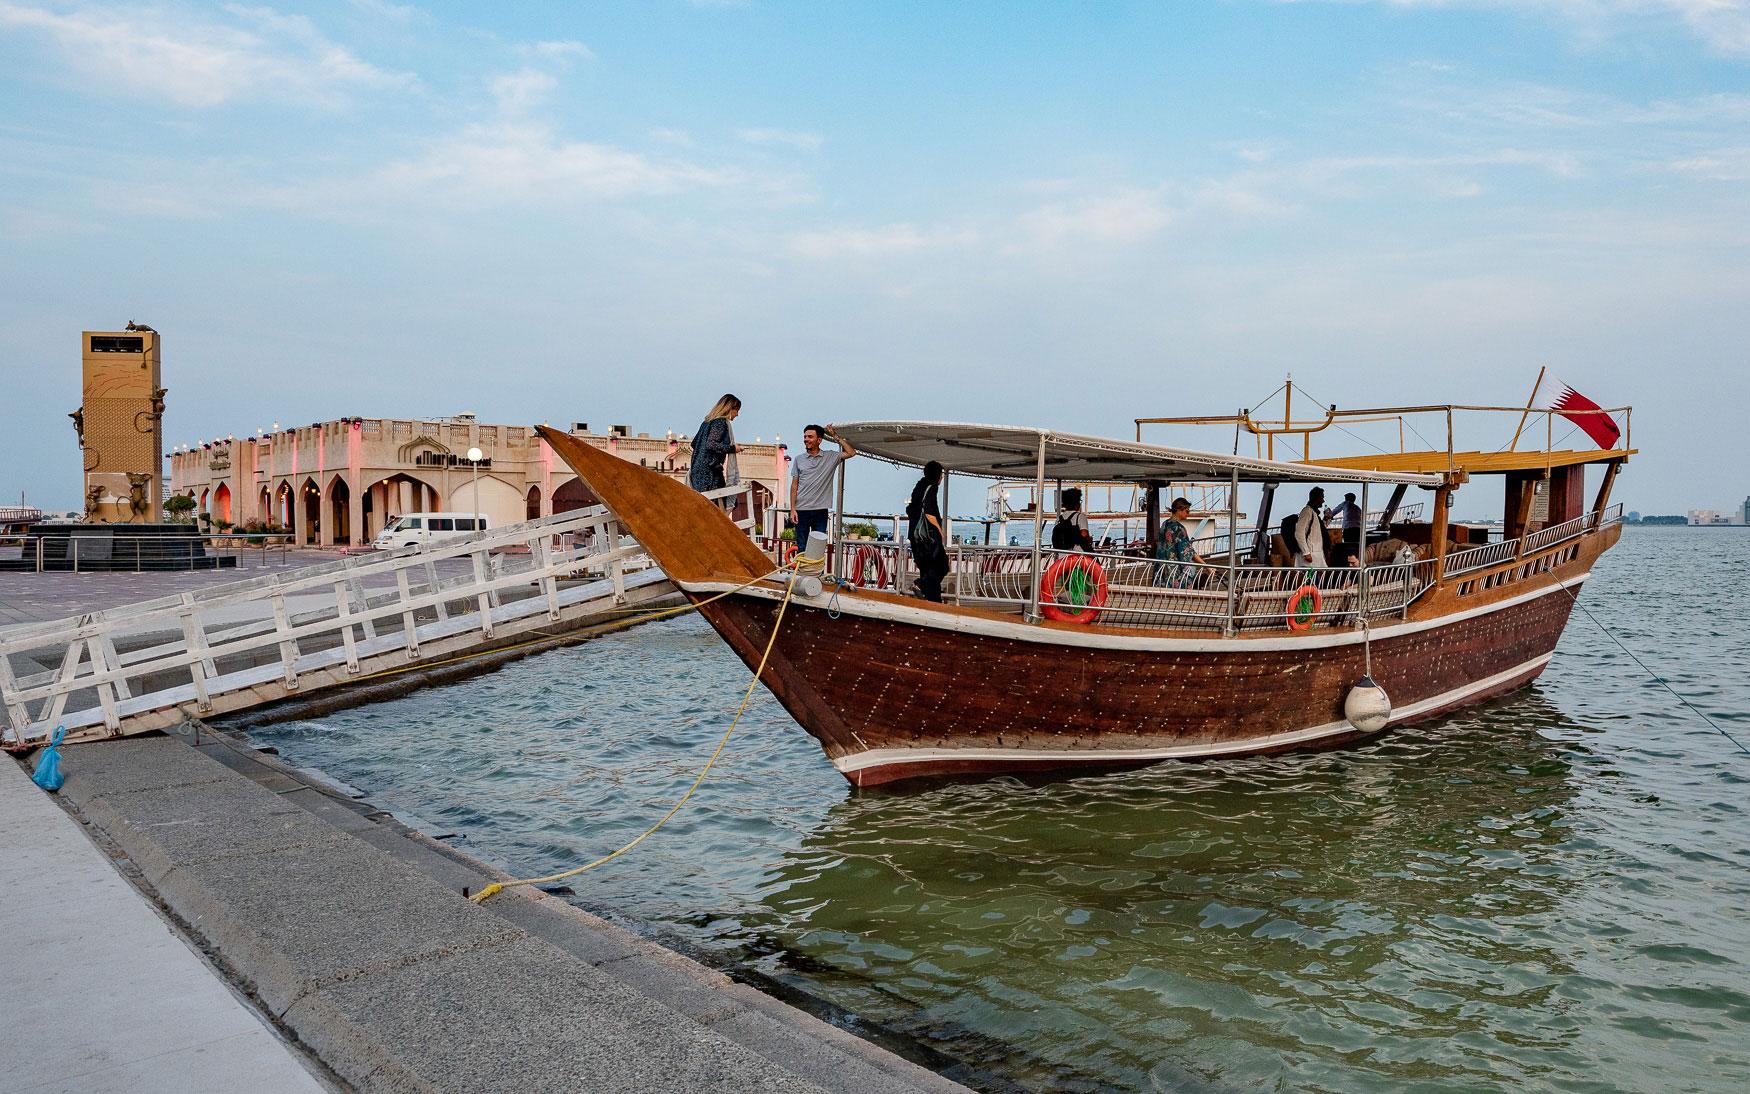 Doha Dhau Cruise Boot